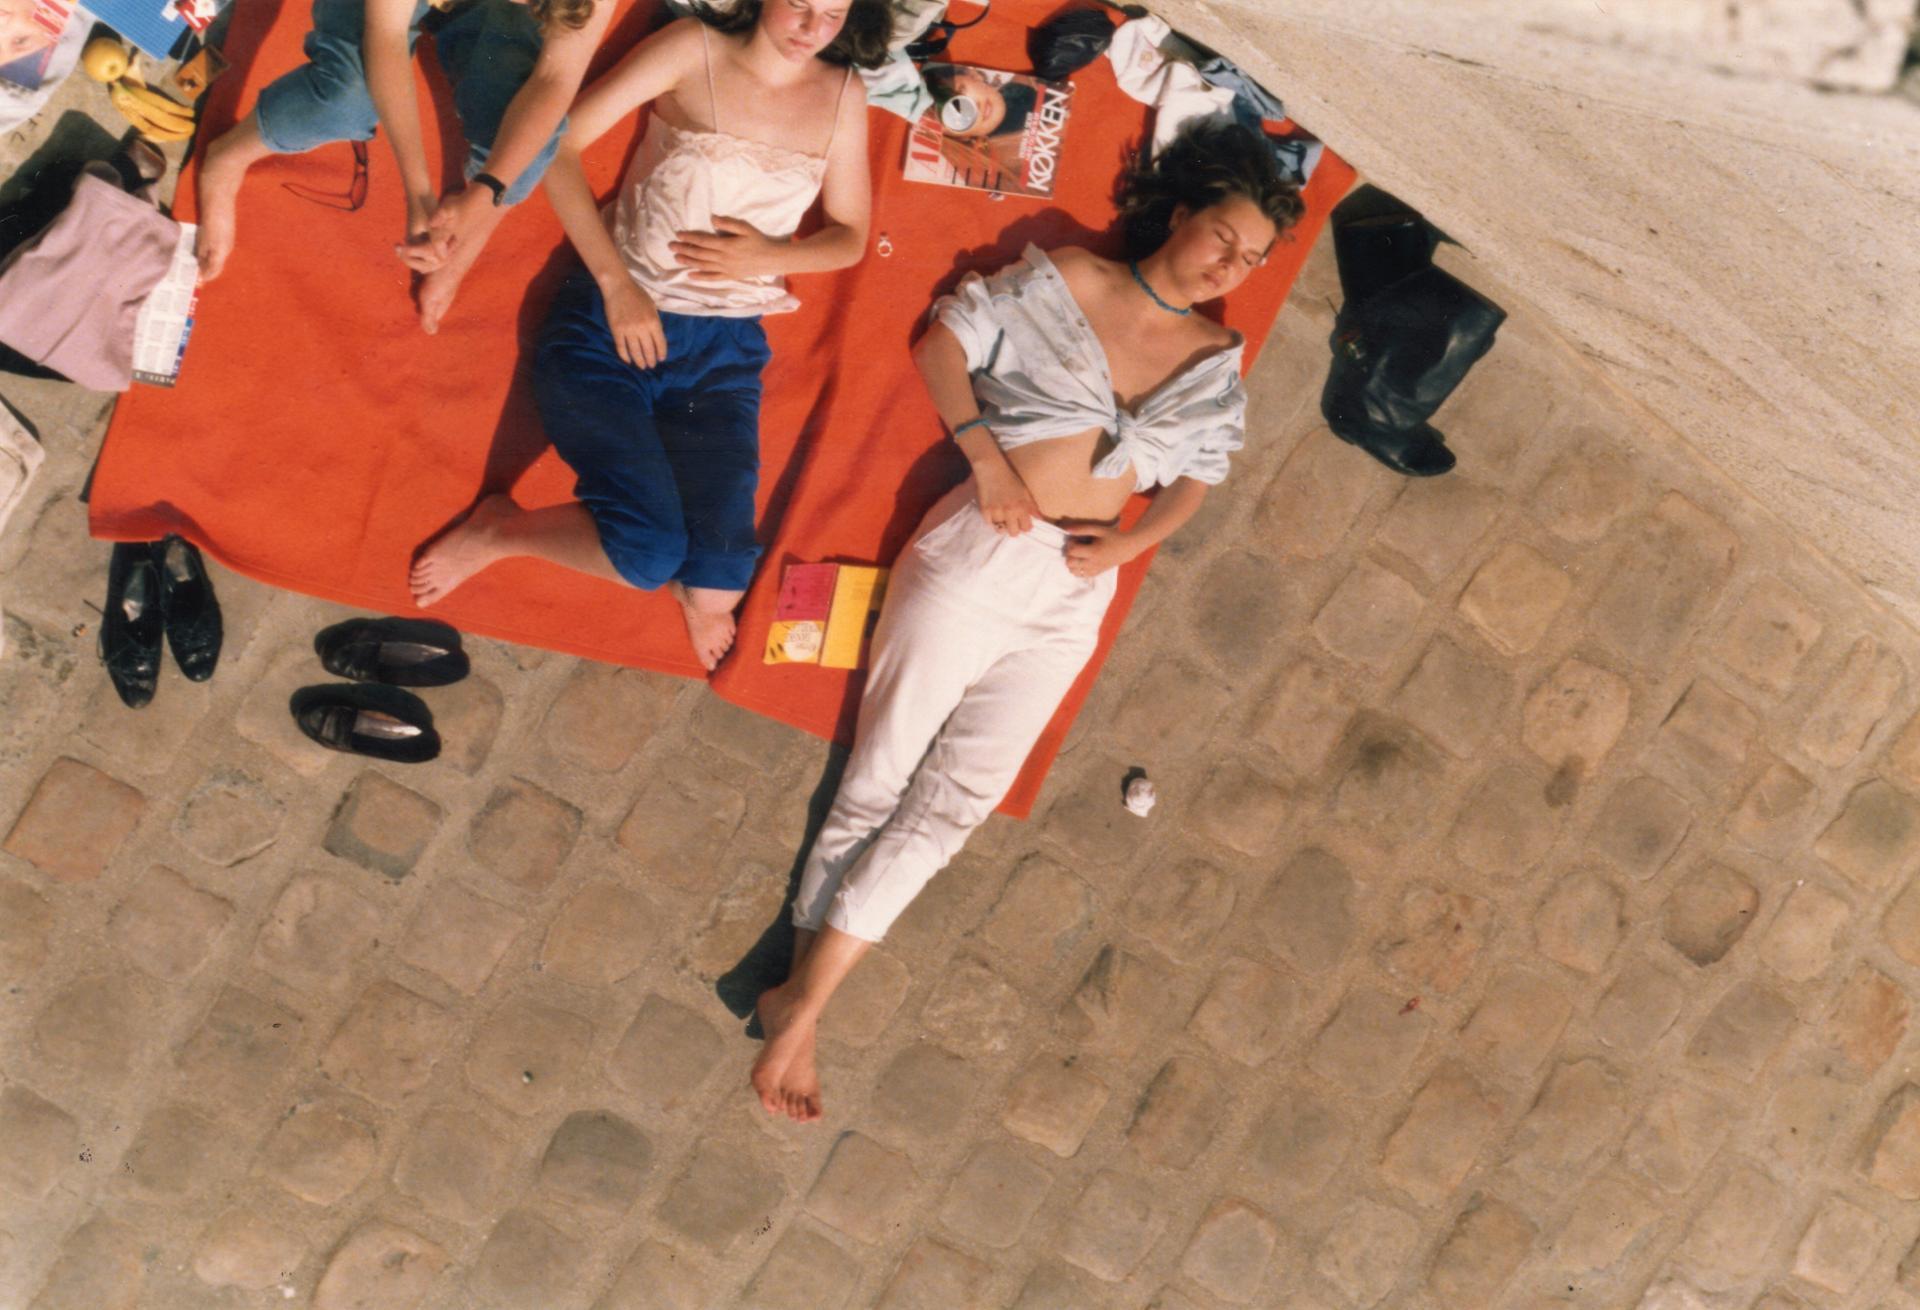 La serviette orange...Sous le Soleil exactement  - reflex012